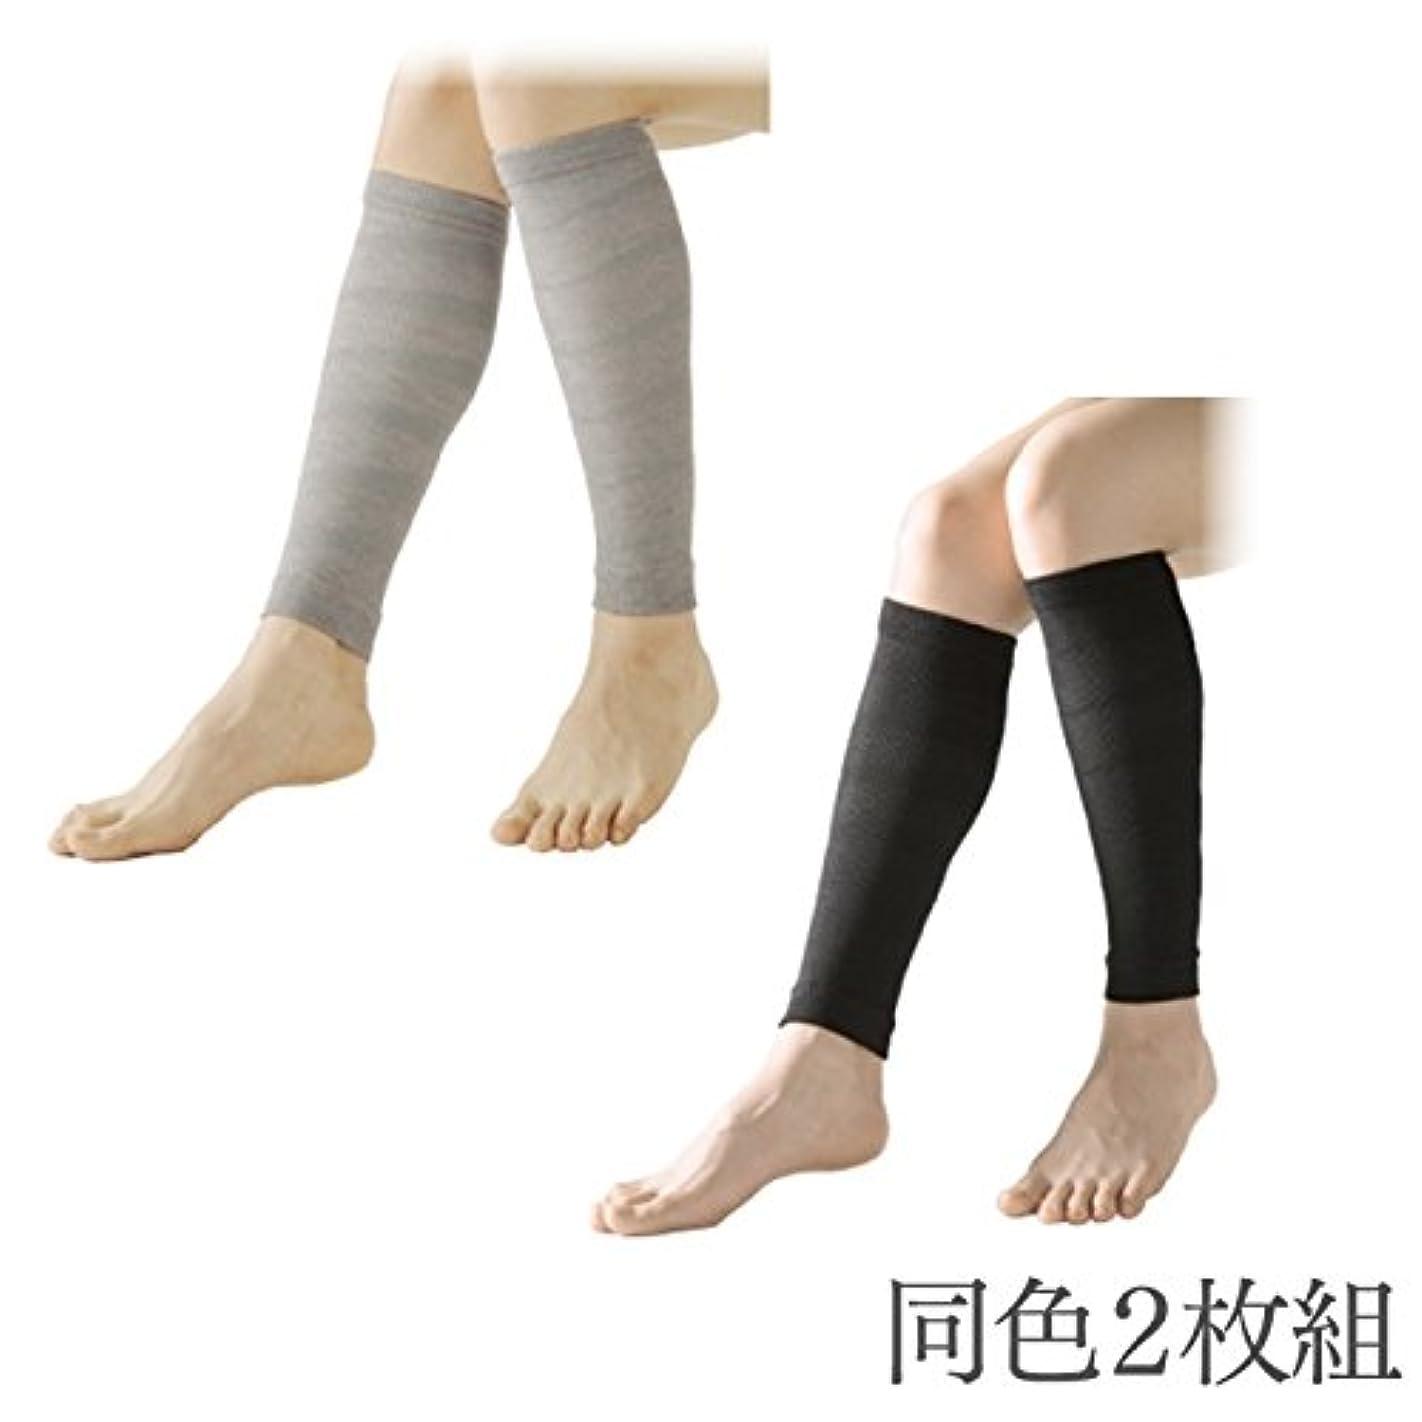 真鍮ラテン一杯着圧ソックス 足のむくみ 靴下 むくみ解消 着圧ふくらはぎサポーター 2枚組(ブラック)